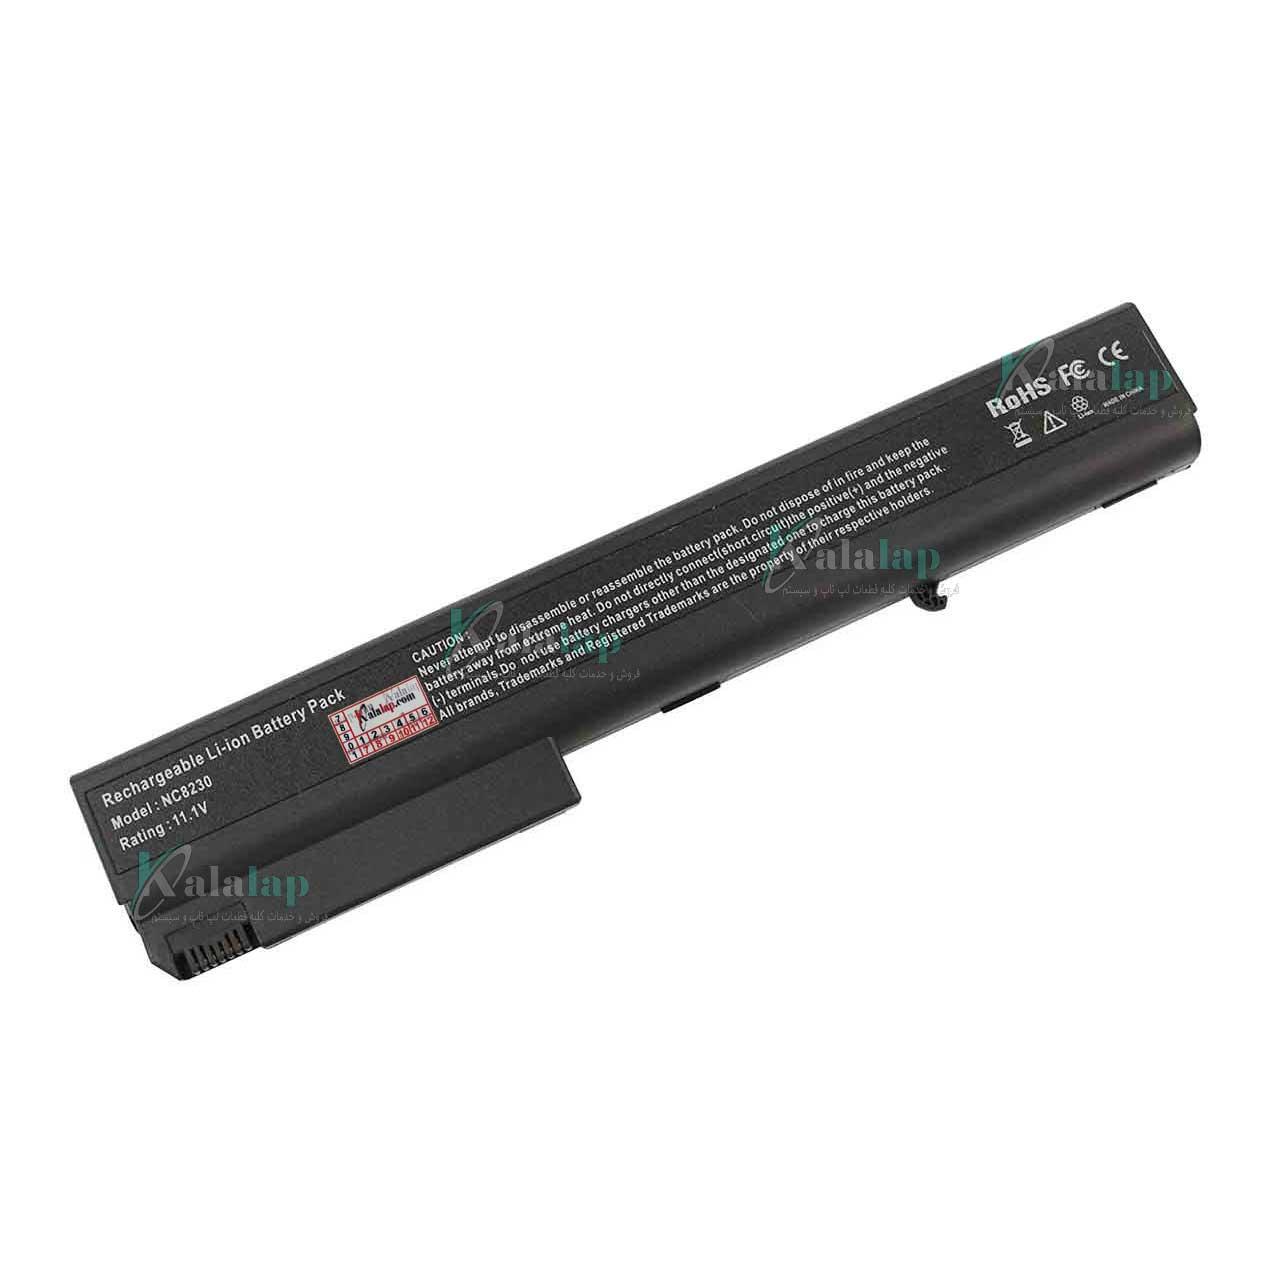 باتری لپ تاپ اچ پی Battery Laptop HP NX7400